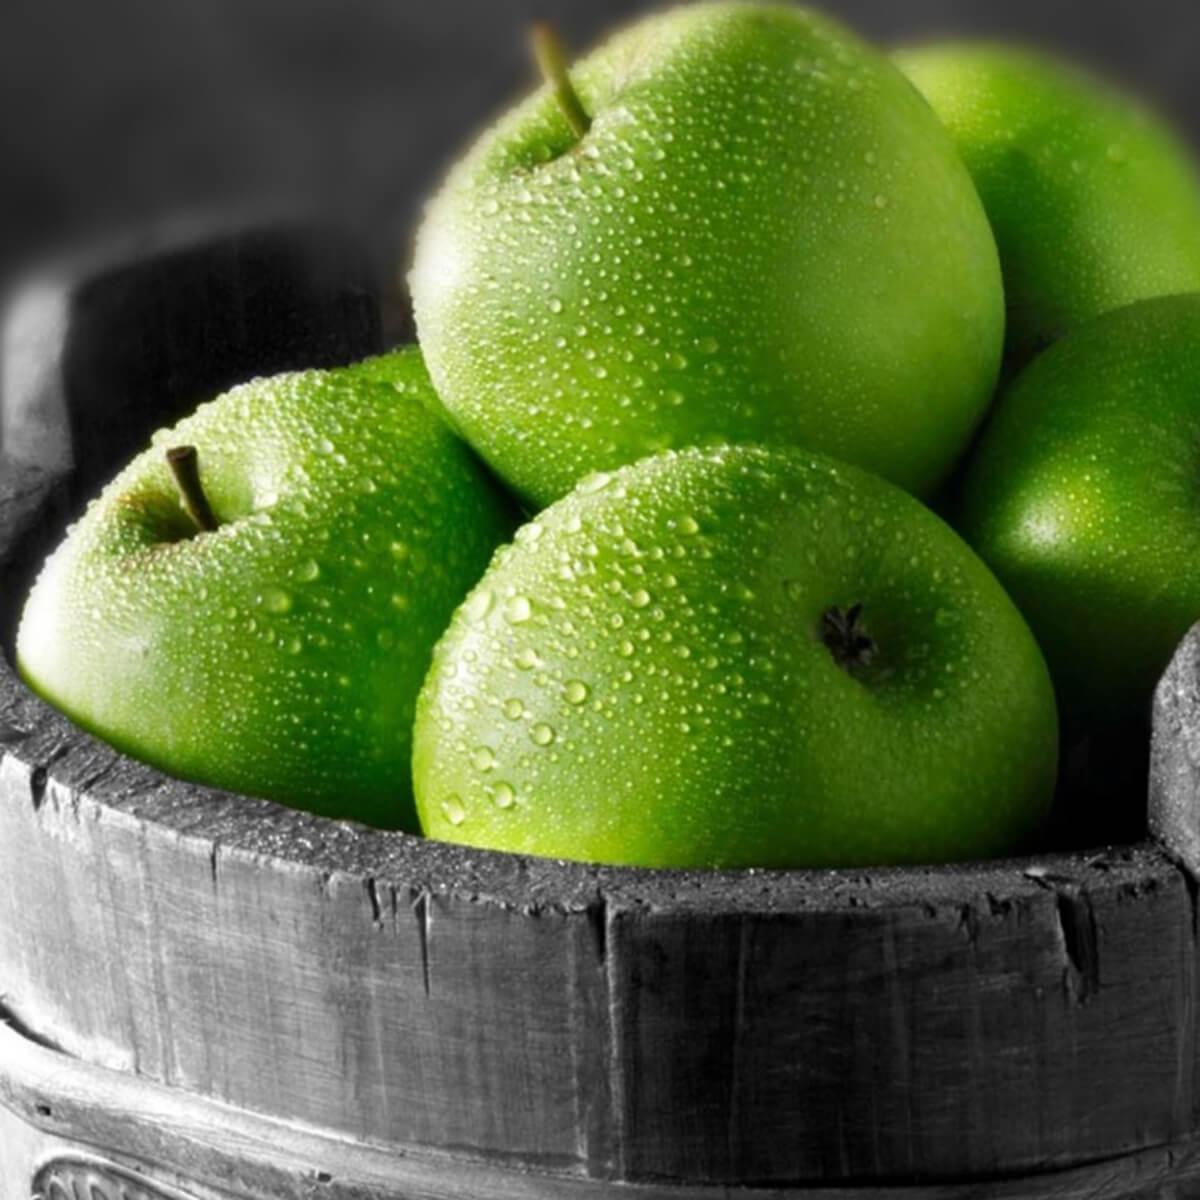 Manzanas Verdes Chile